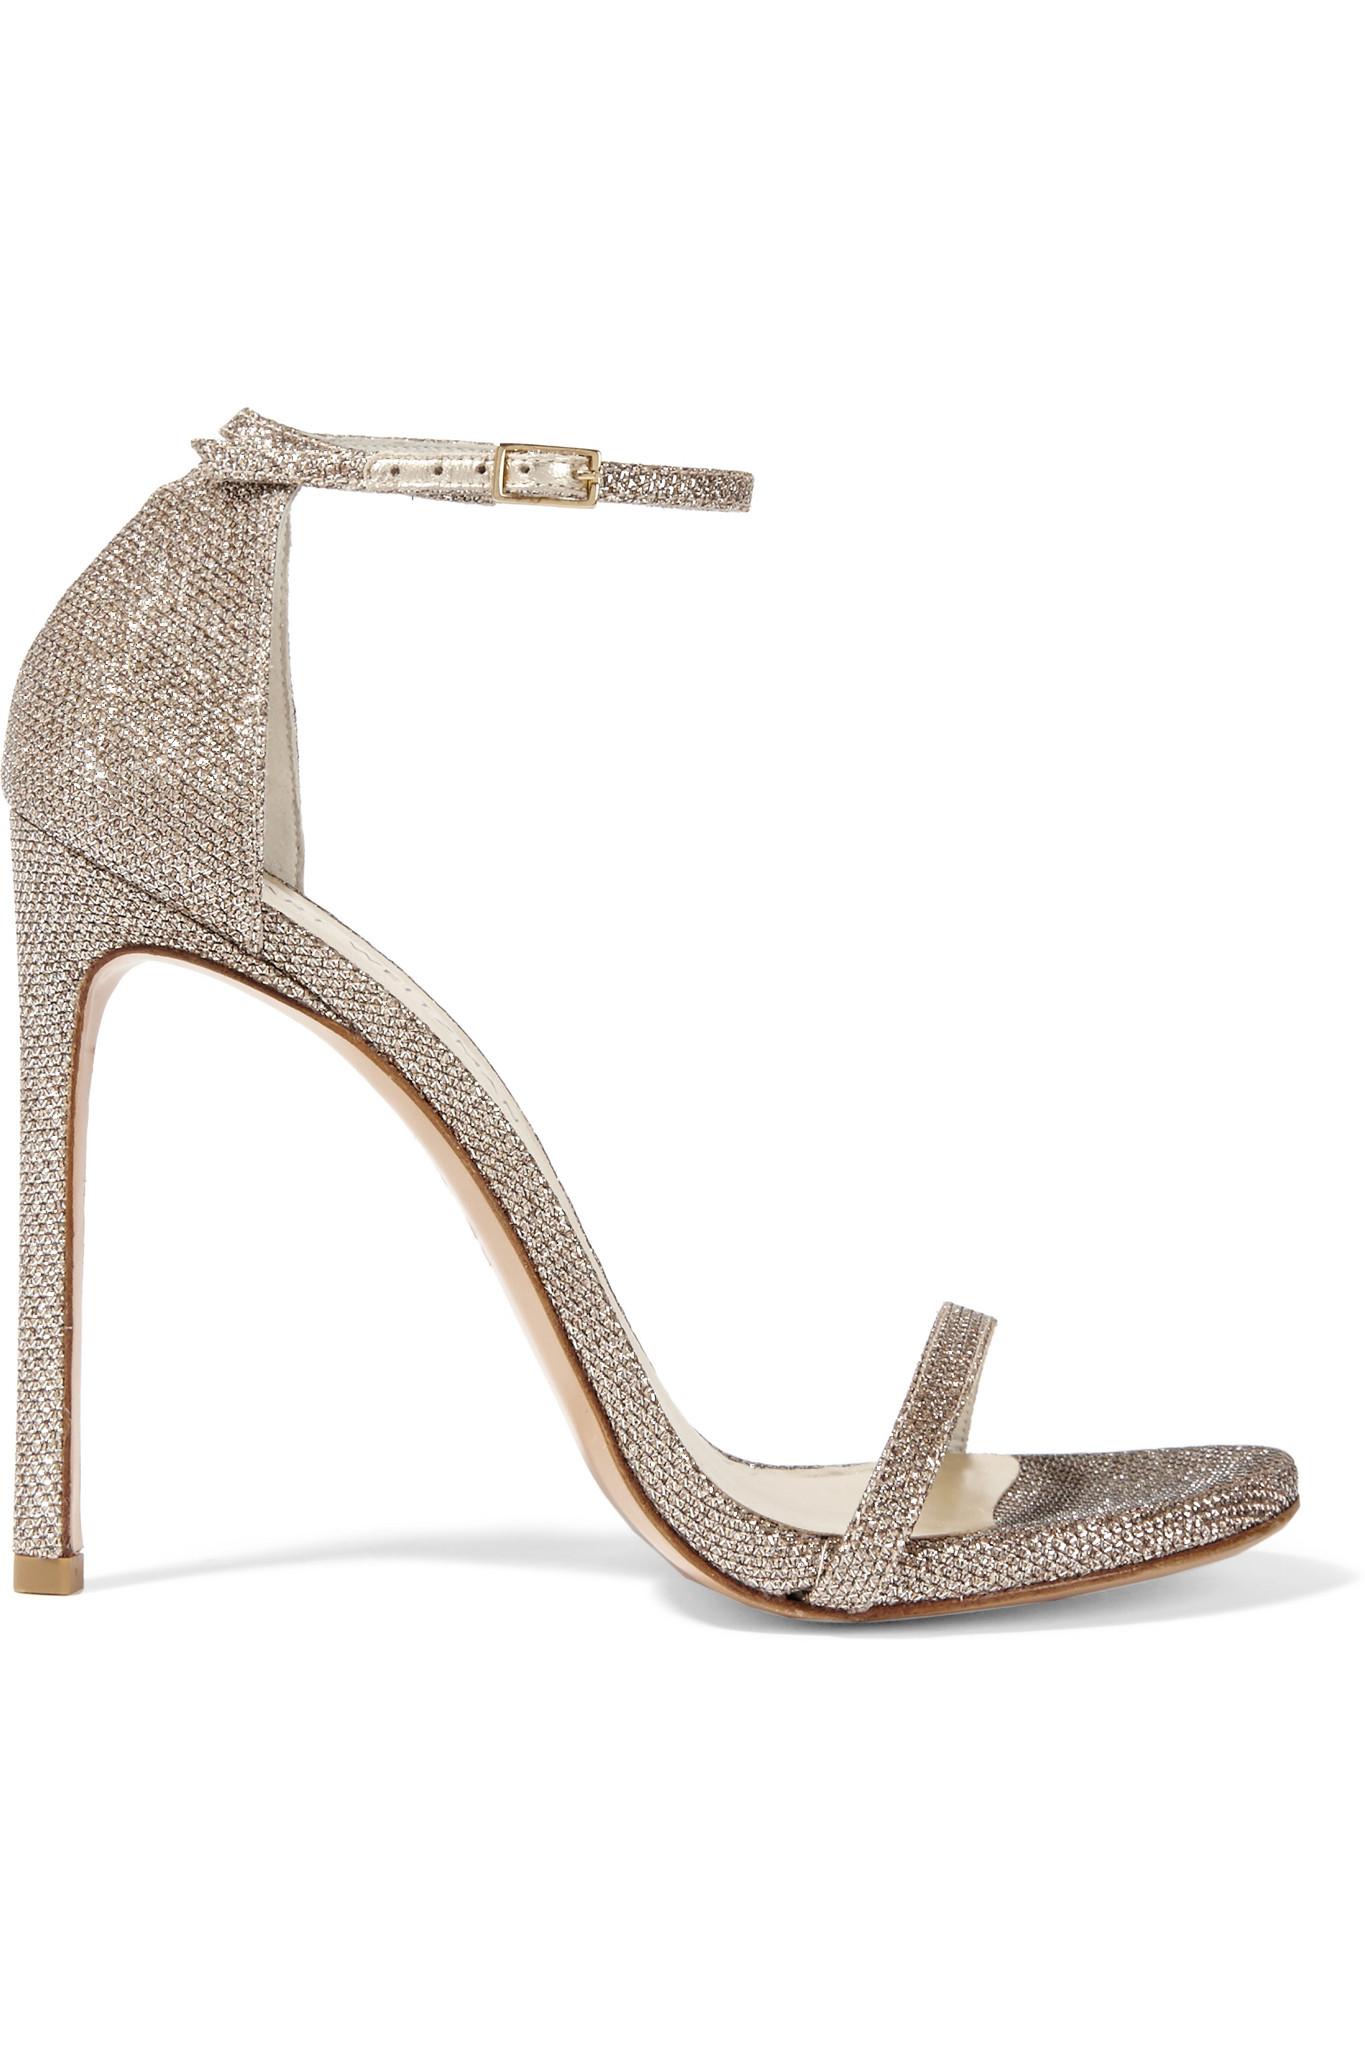 Lyst Stuart Weitzman Nudist Metallic Mesh Sandals